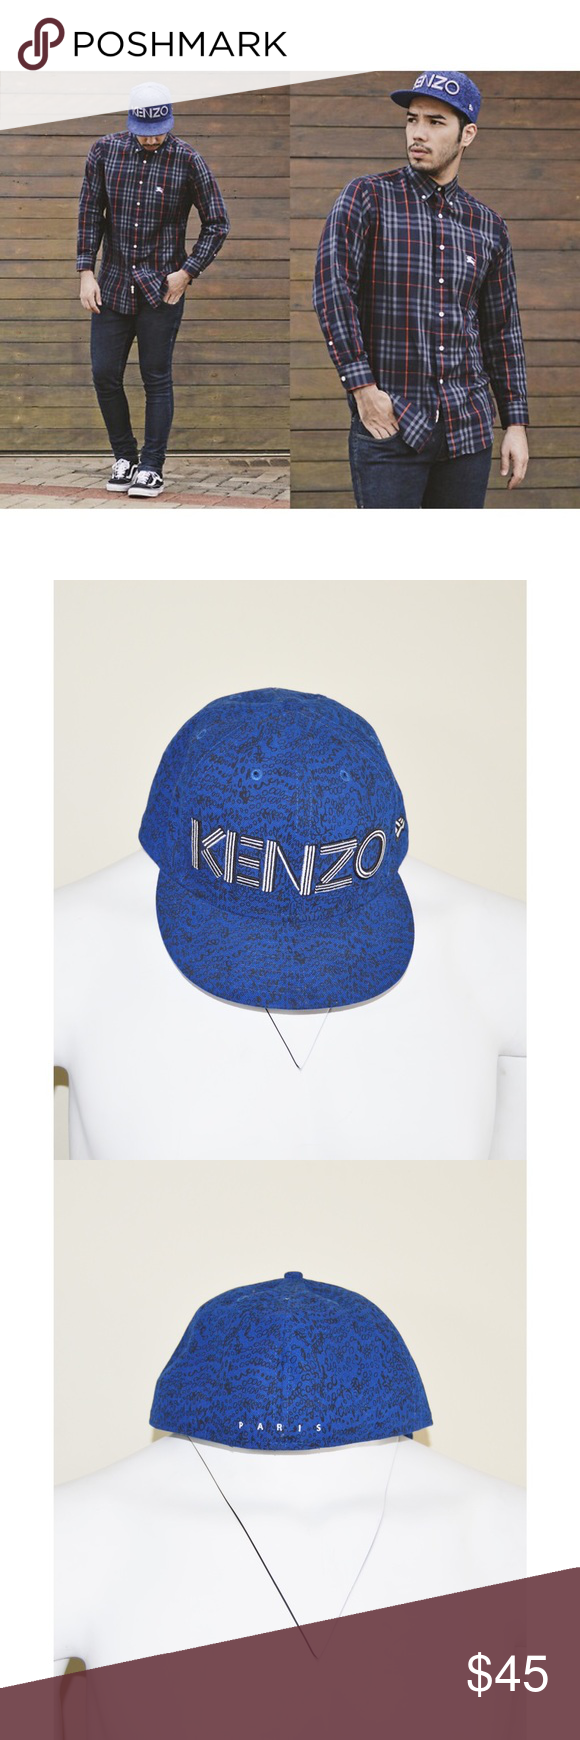 Kenzo Blue New Era Hat Kenzo Blue New Era Hat Size 8 Kenzo Accessories Hats New Era Hats Kenzo Clothes Design